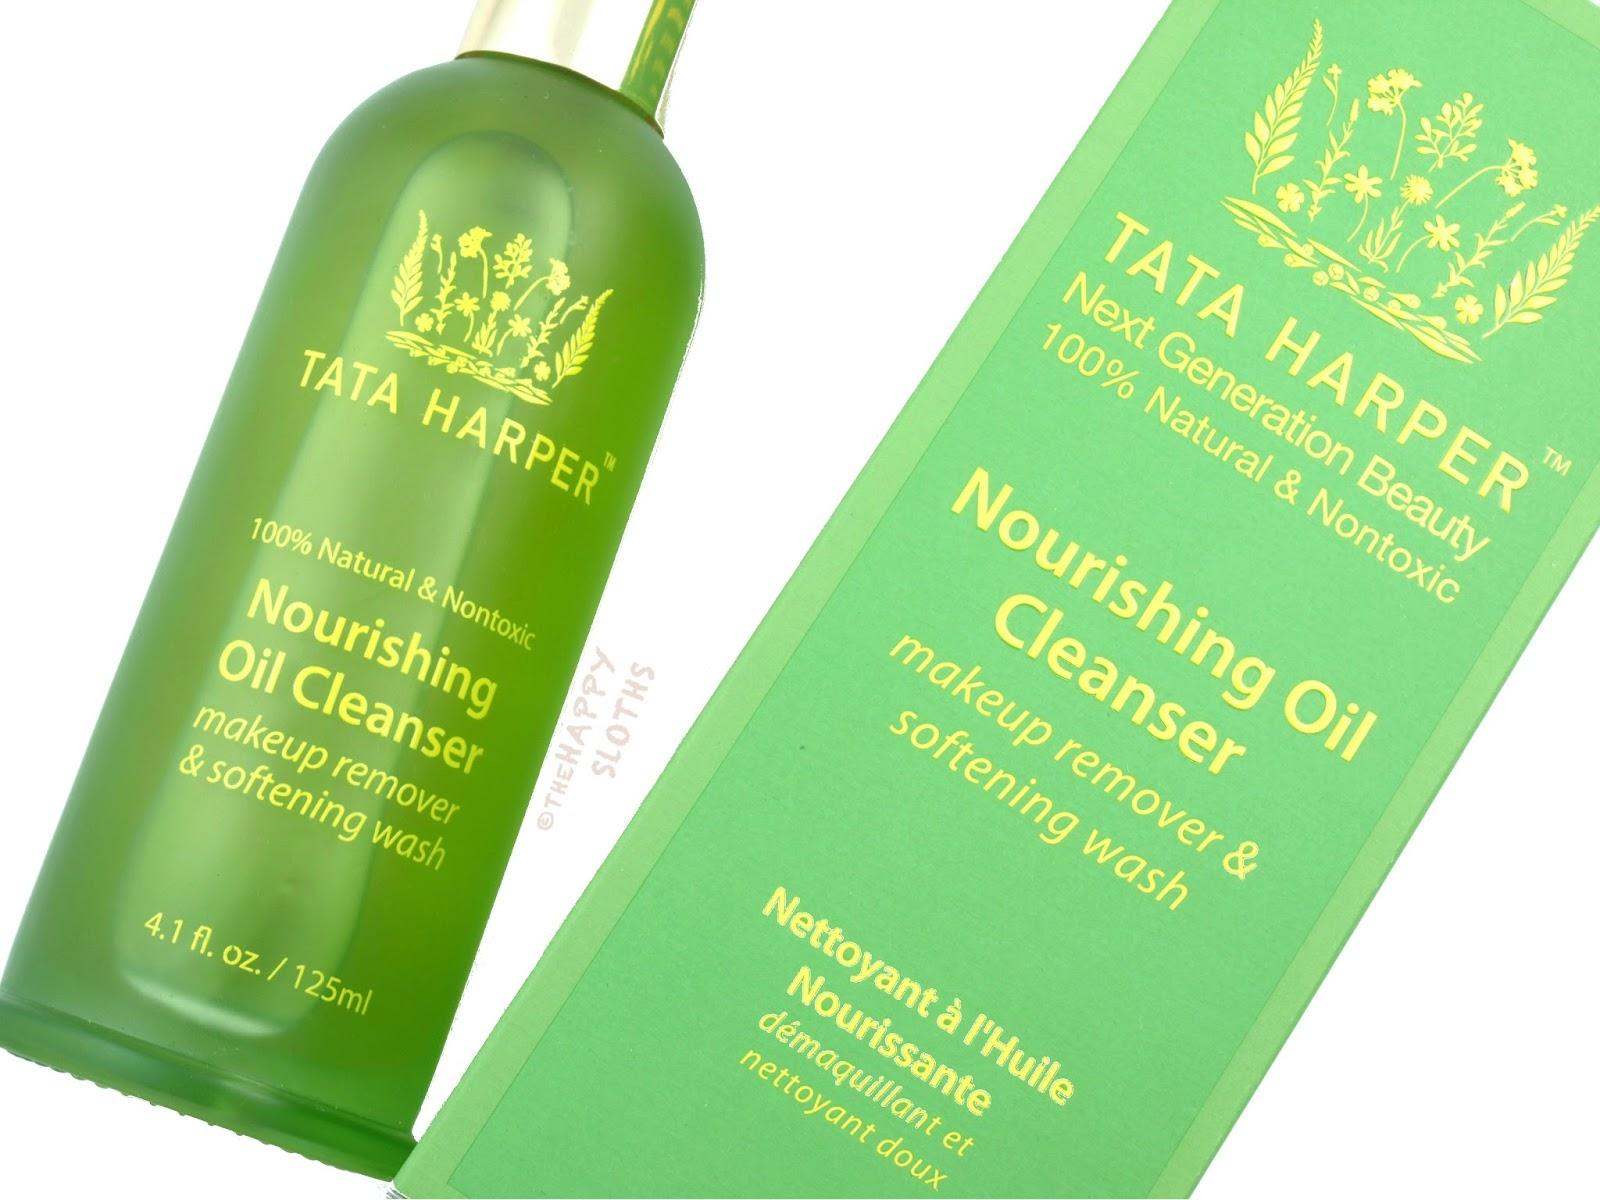 Nourishing Oil Cleanser by tata harper #17